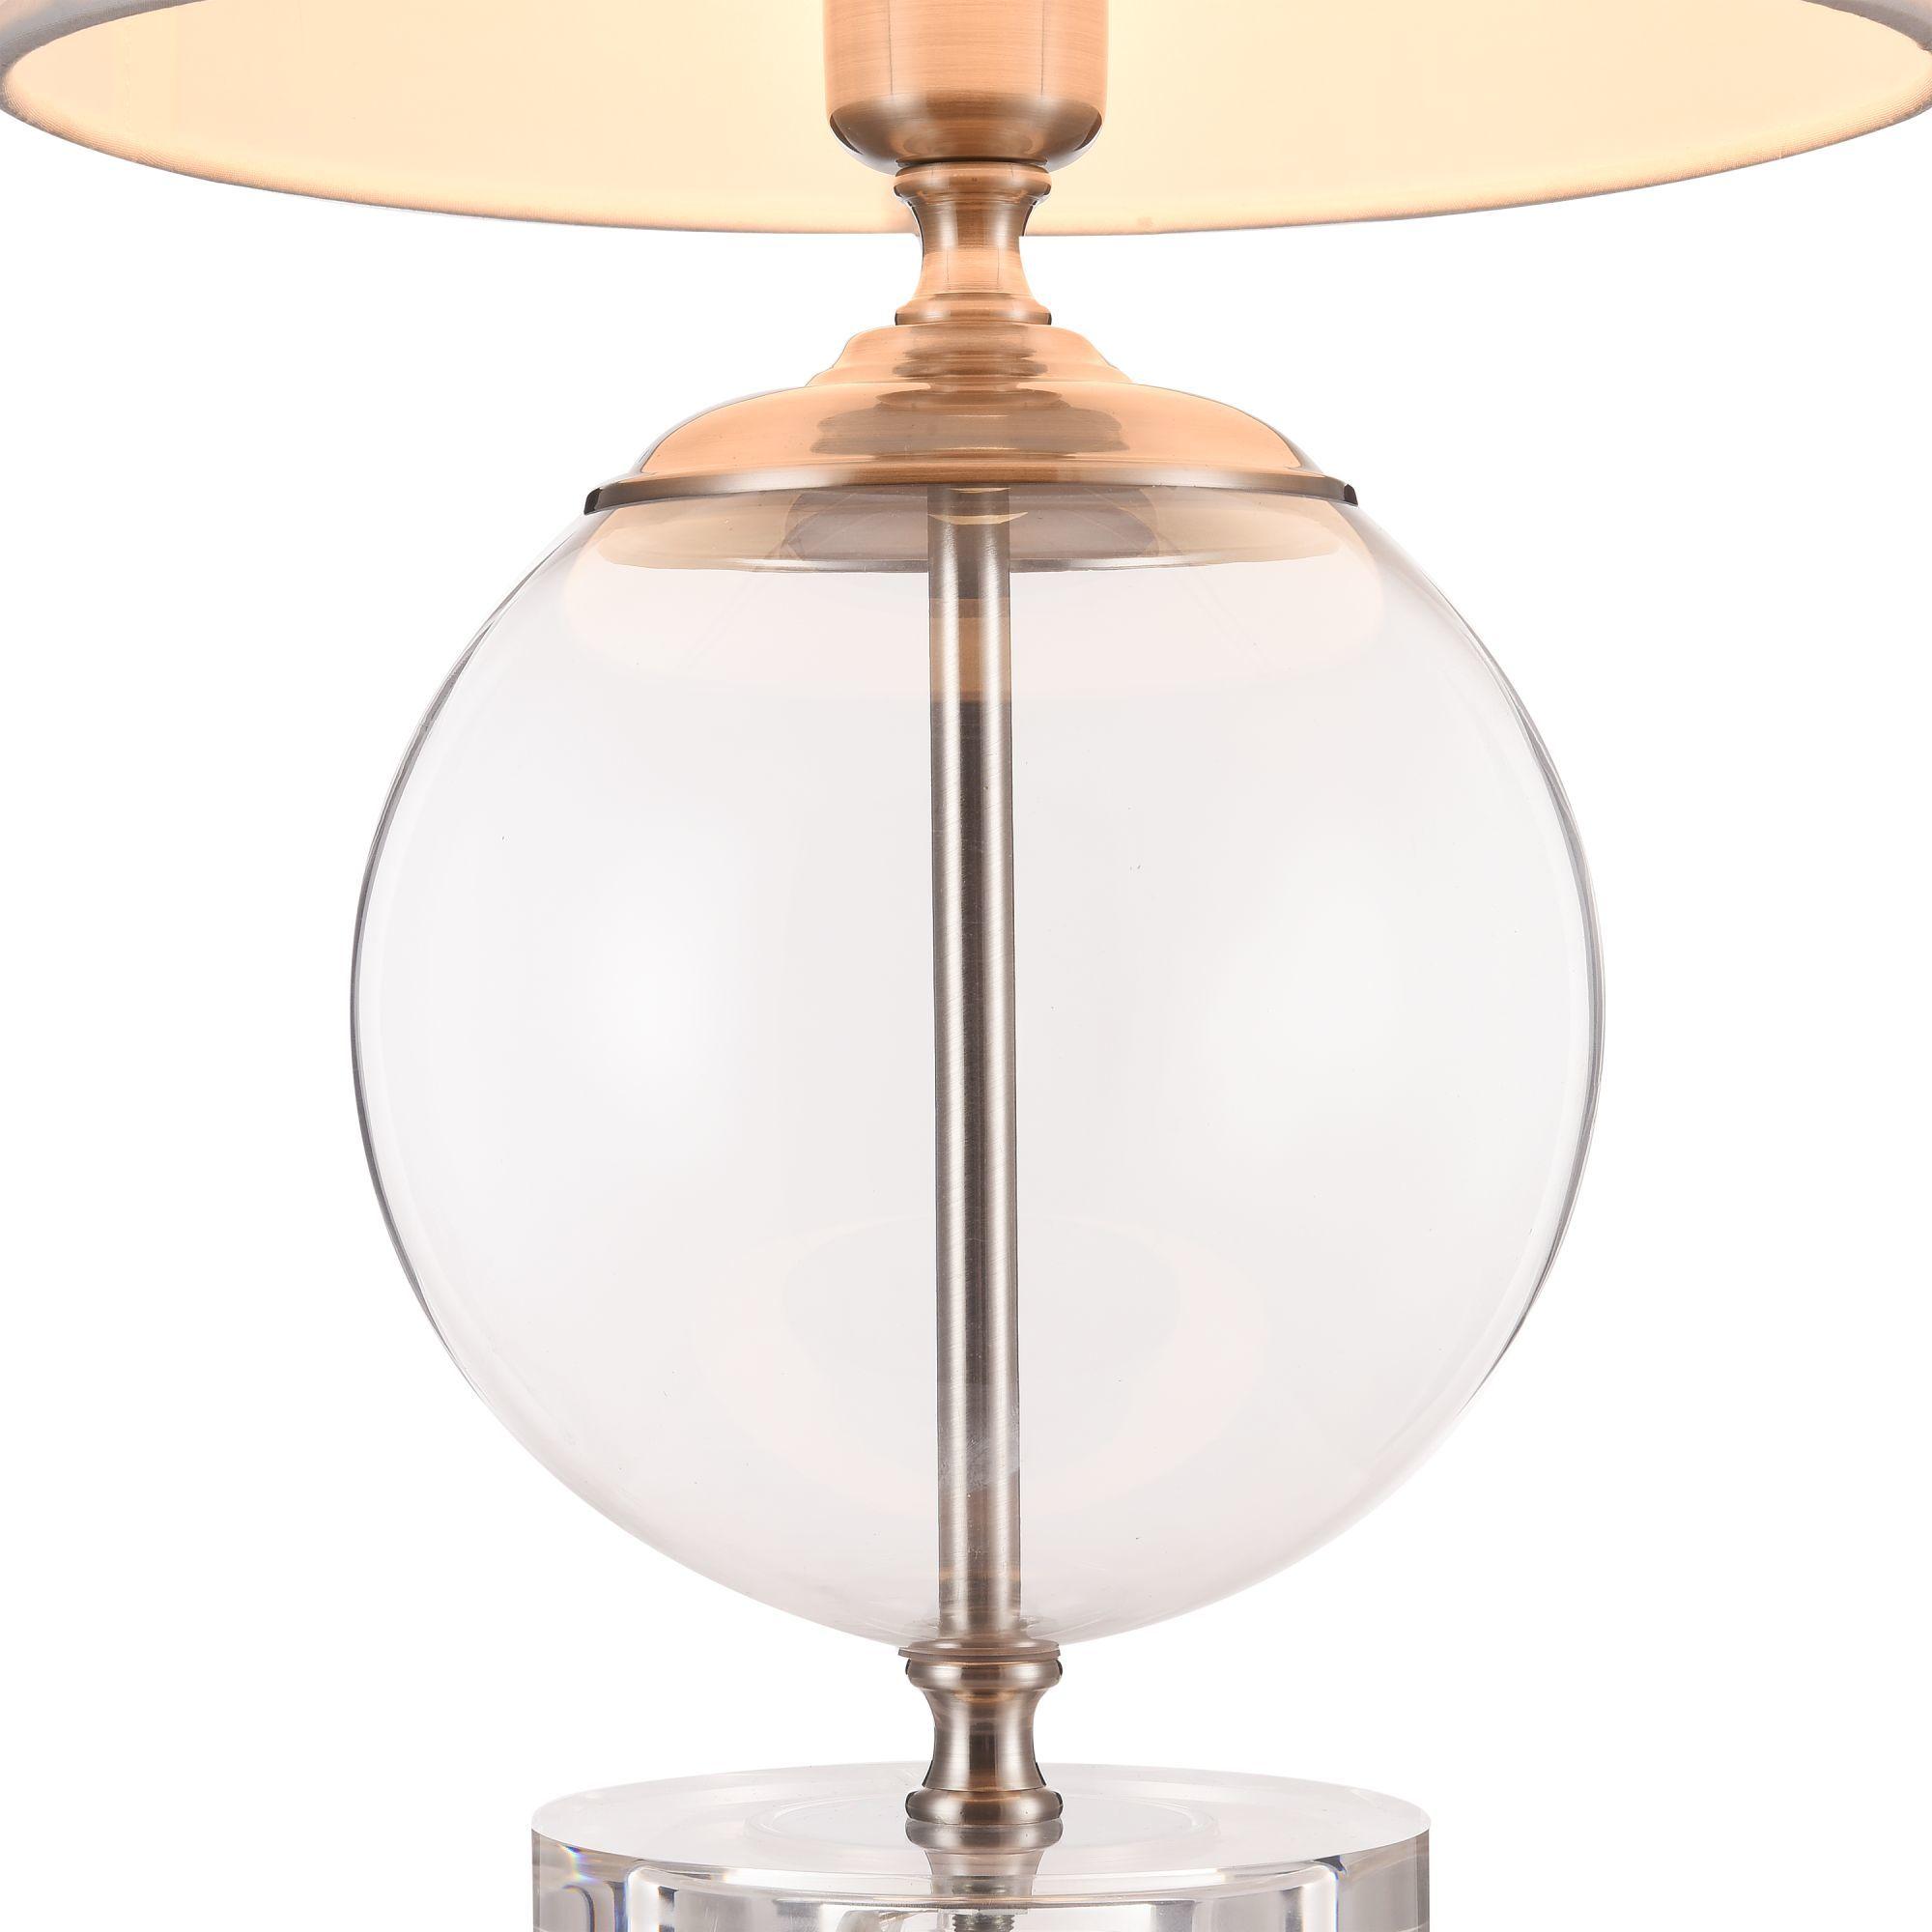 Настольная лампа Maytoni Lowell Z533TL-01N, 1xE27x40W, никель с прозрачным, прозрачный с никелем, бежевый, стекло с металлом, текстиль - фото 7